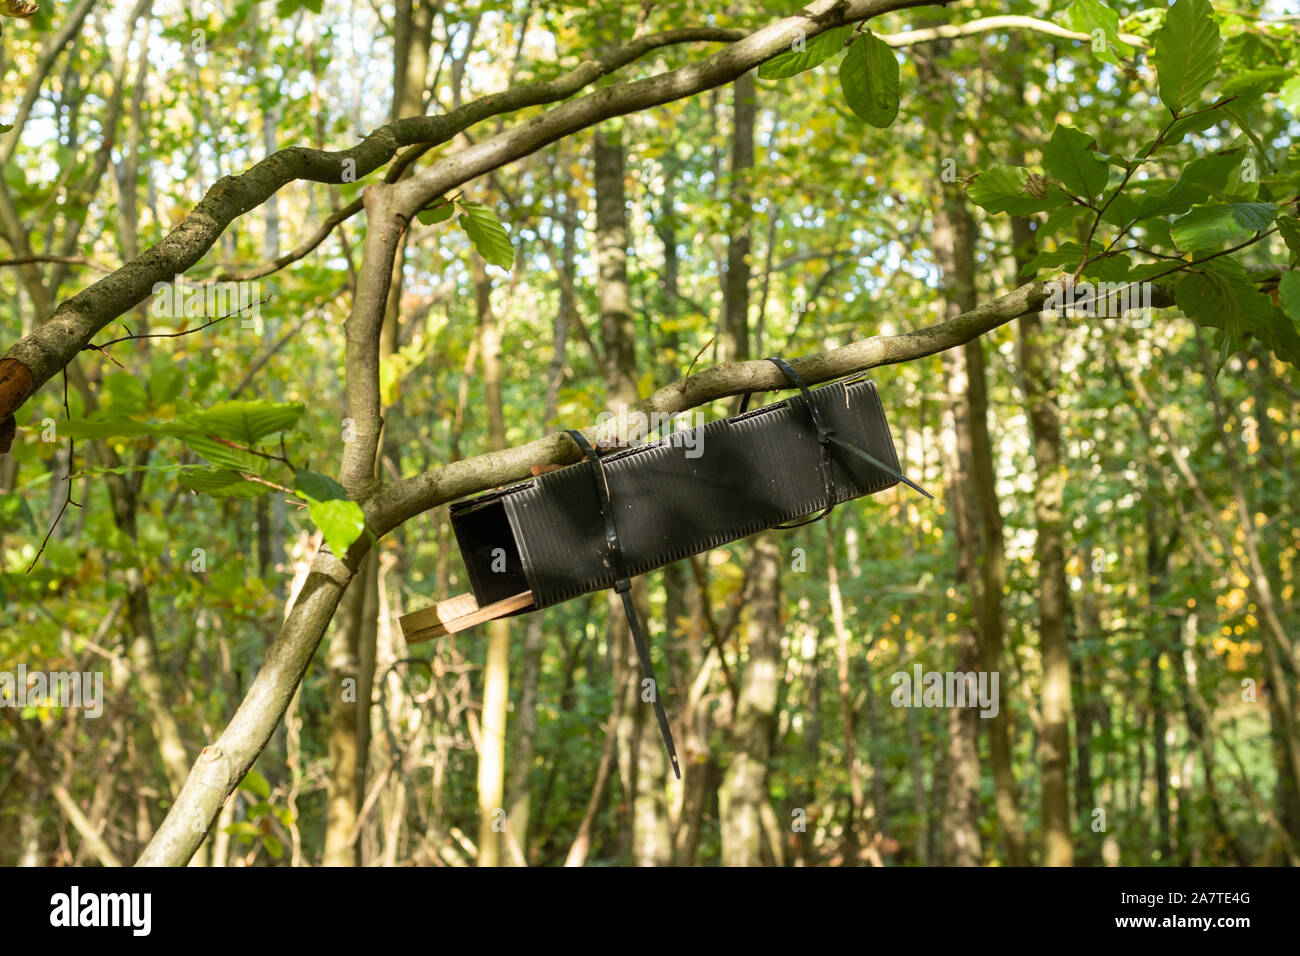 An Einem Baum Befestigt Stockfotos und bilder Kaufen Alamy